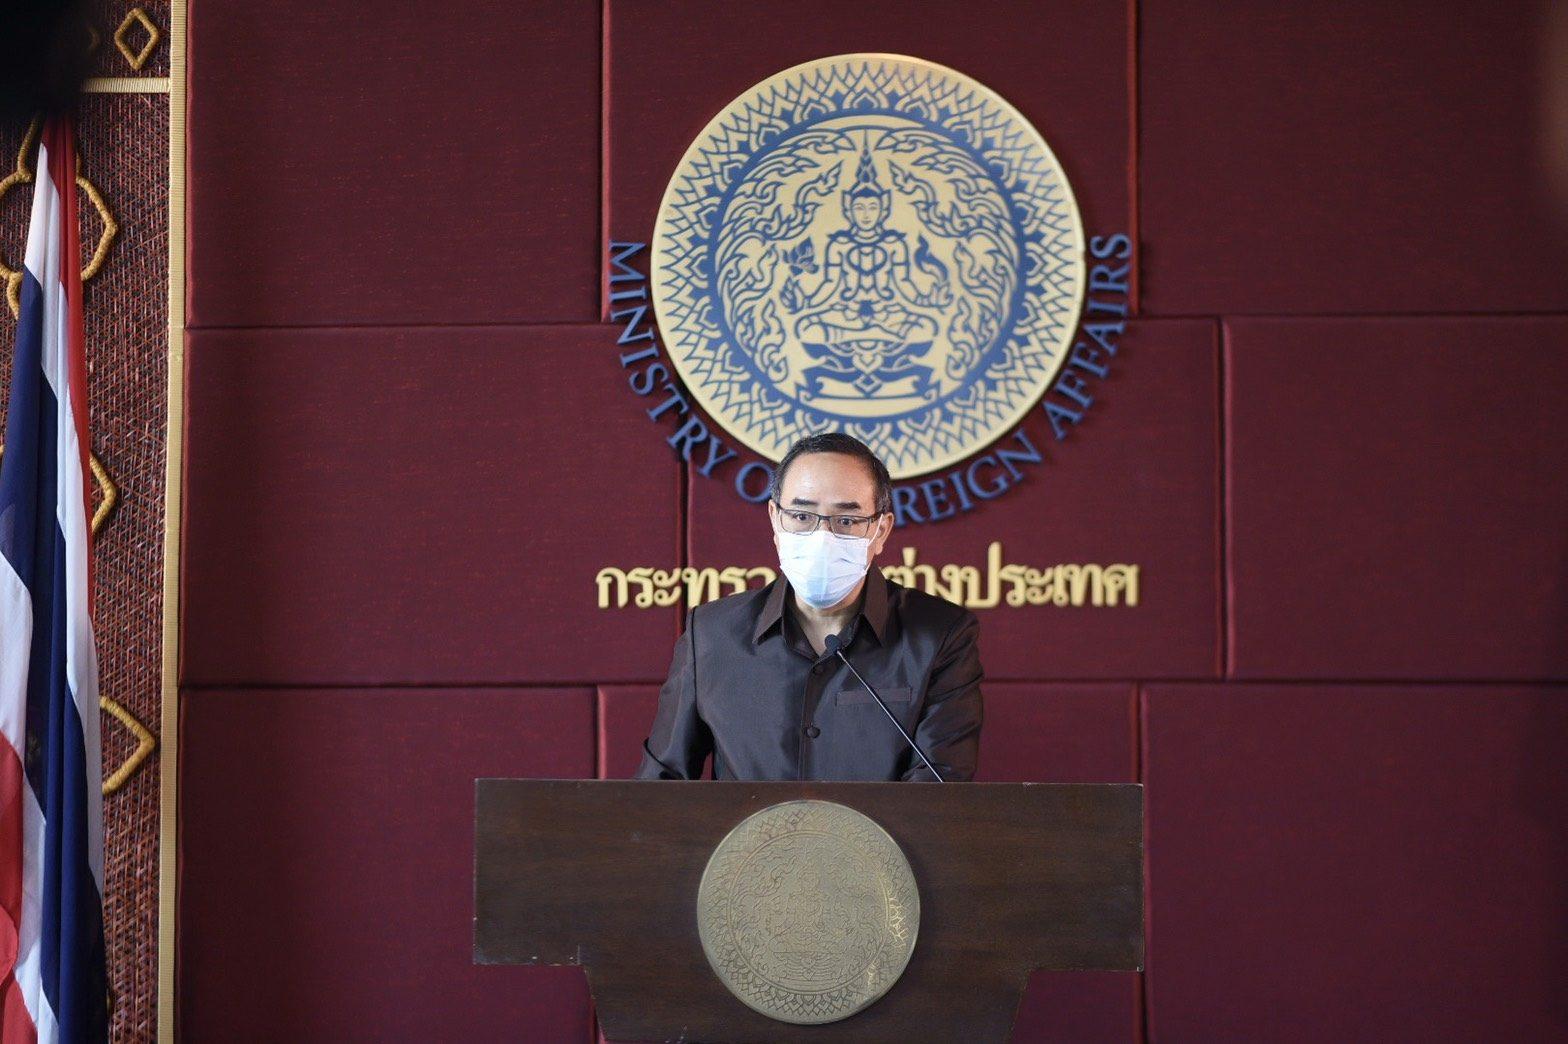 มีผลทันที! กต.งดออก COE ห้ามต่างชาติใน 3 ประเทศเข้าไทย สกัดโควิดกลายพันธุ์อินเดีย